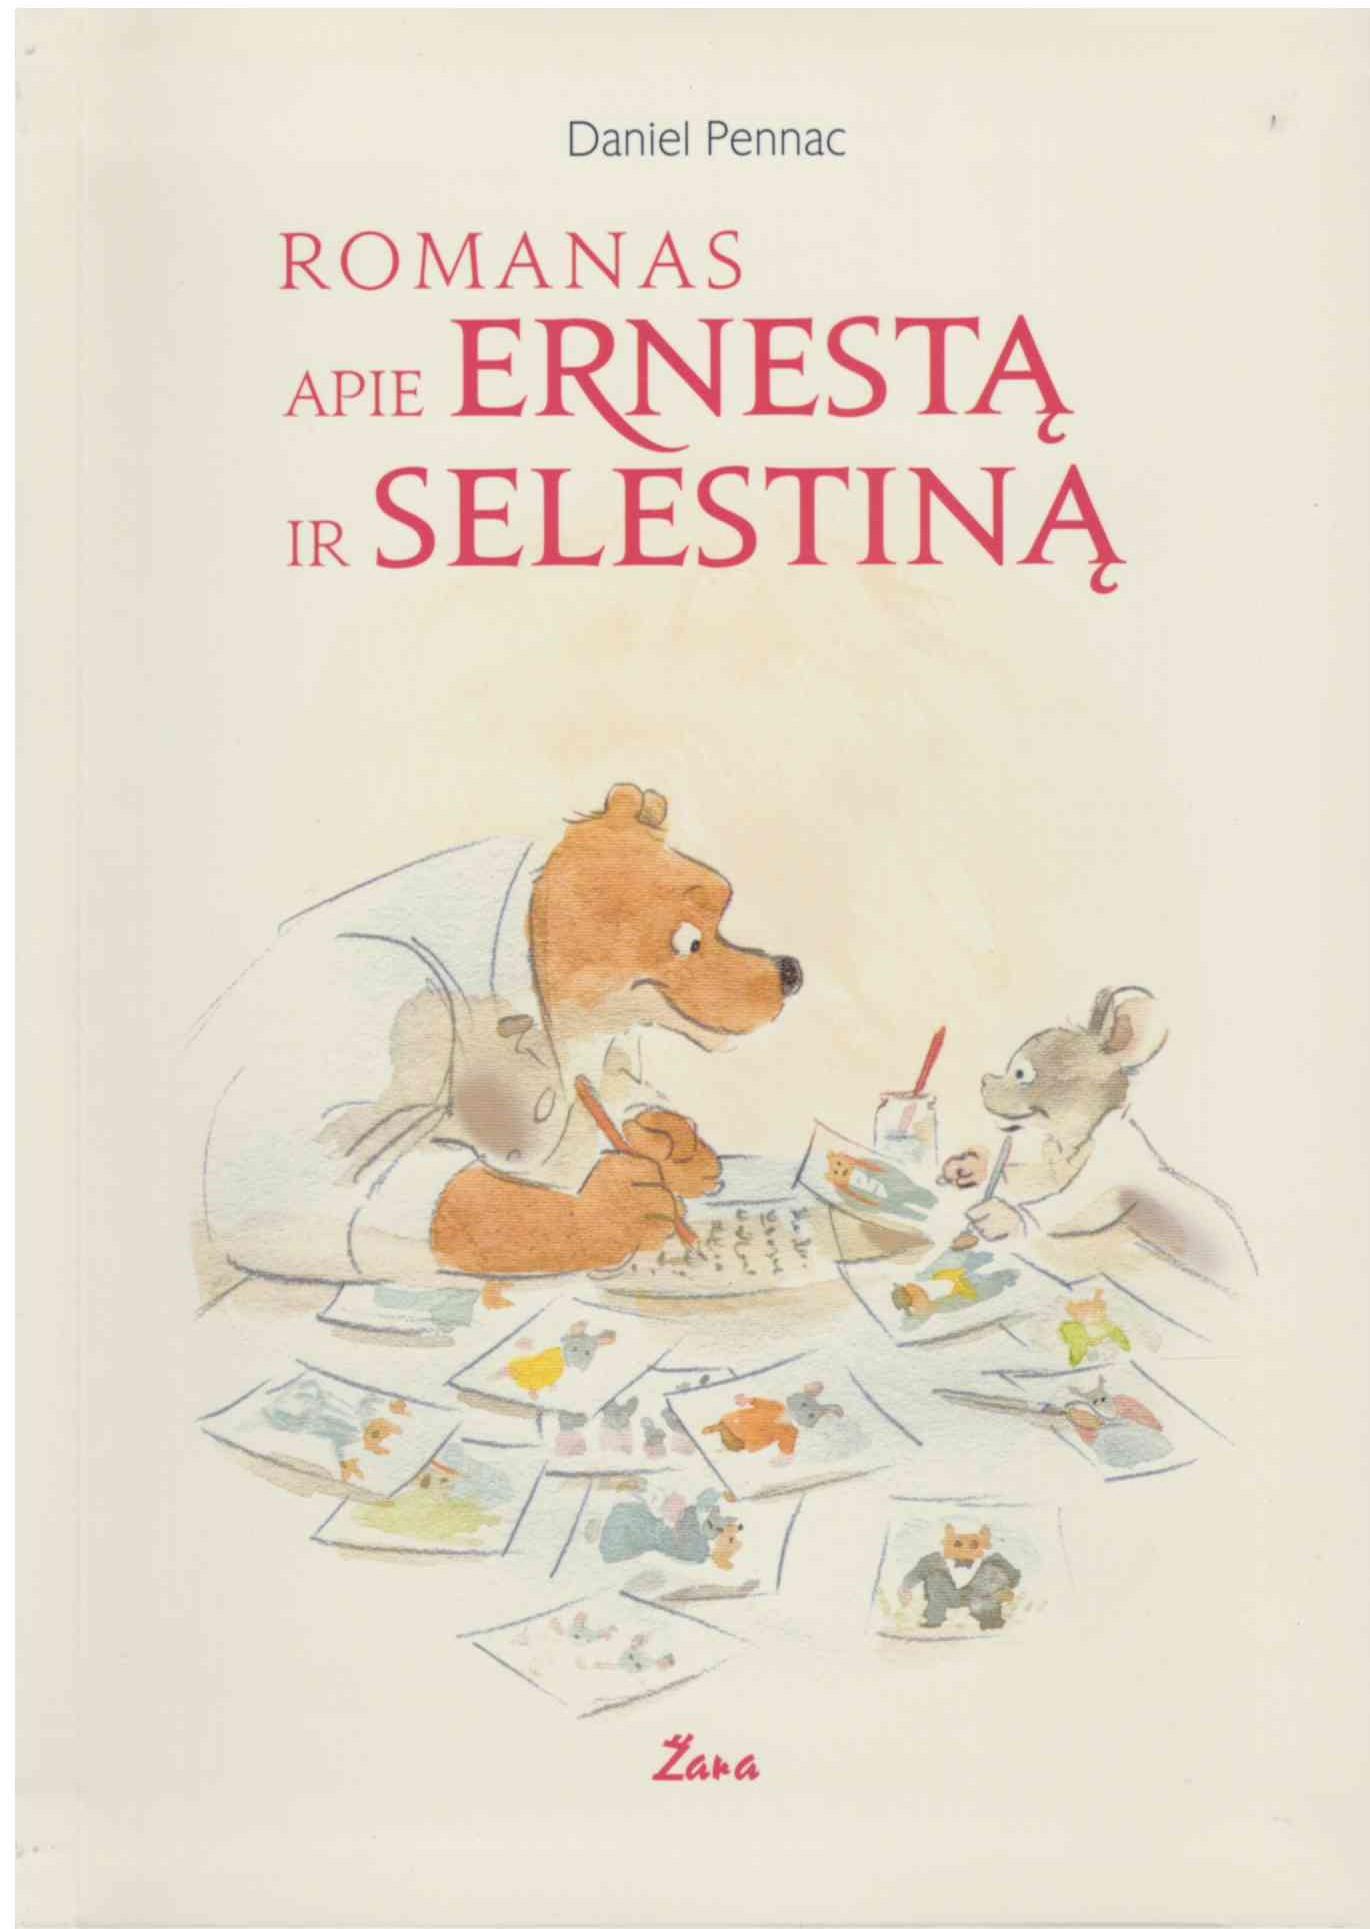 Romanas apie Ernestą ir Selestiną